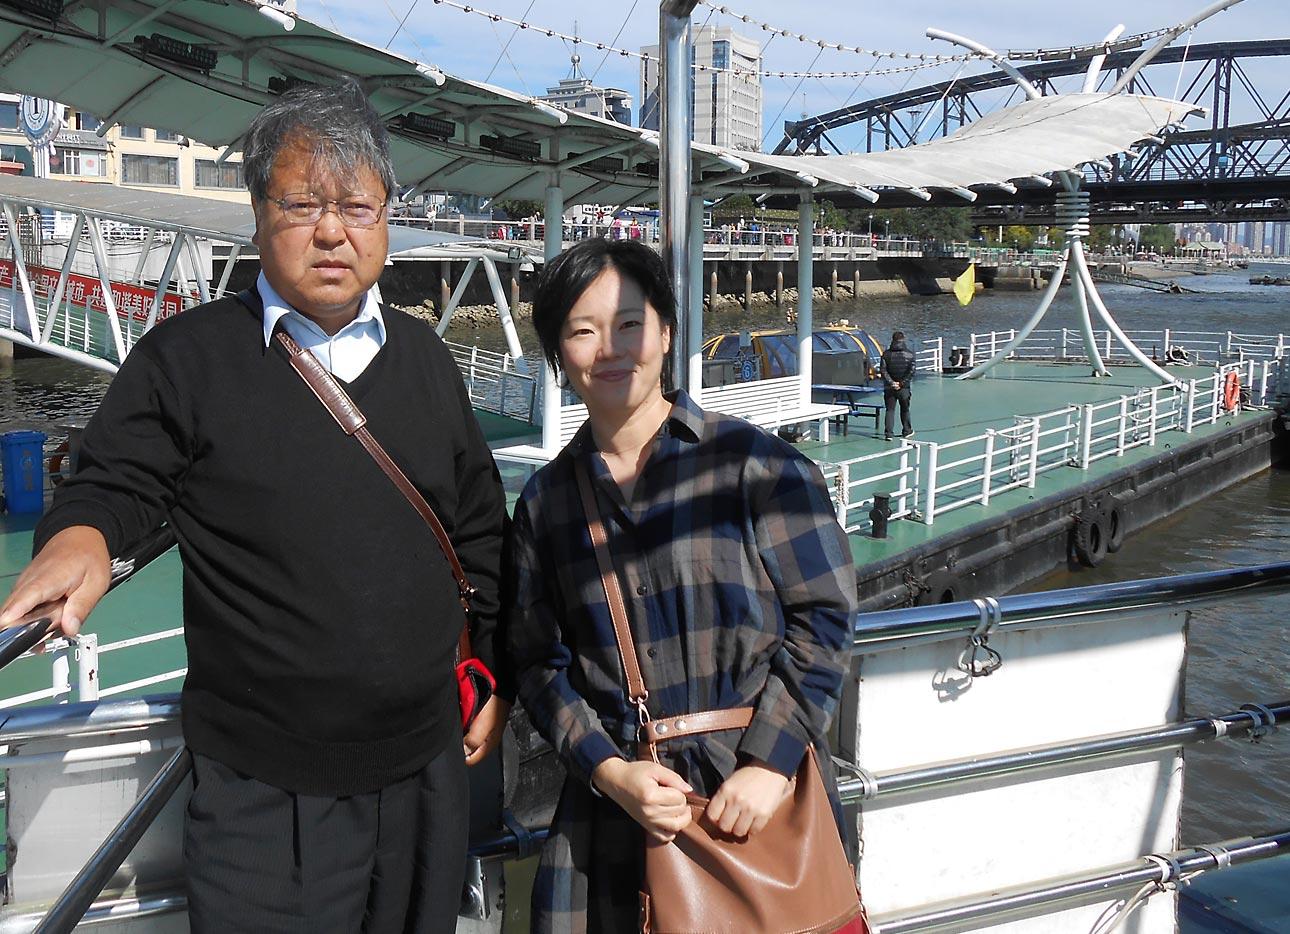 バイオ研究室の相談役だった伊達さんと中国遼寧省で